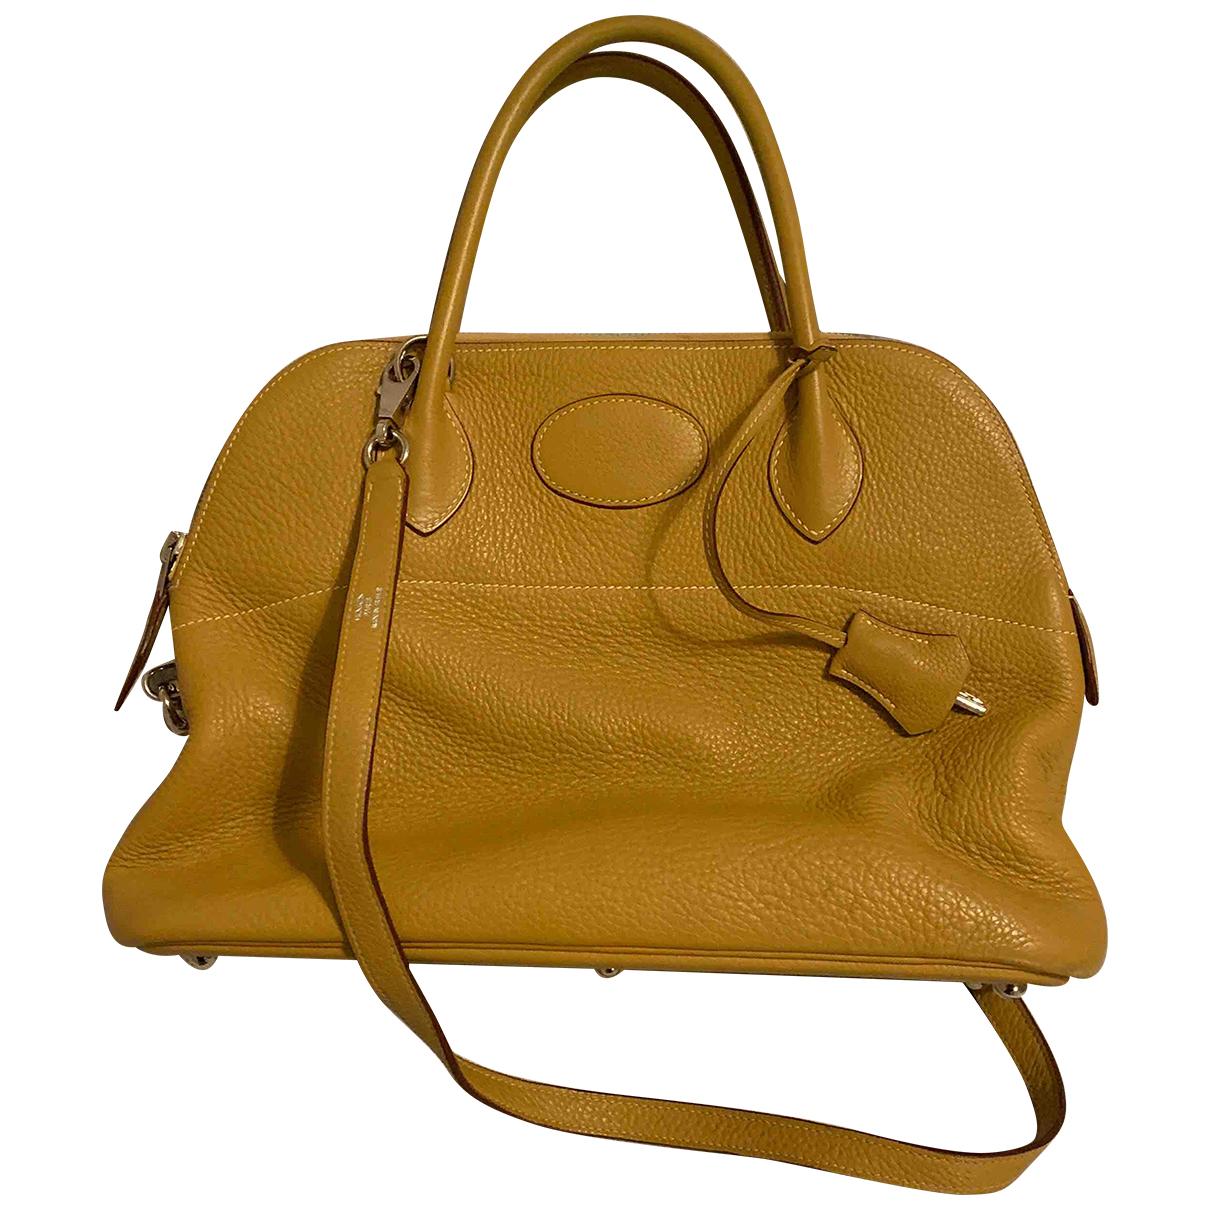 Hermes Bolide Handtasche in Leder